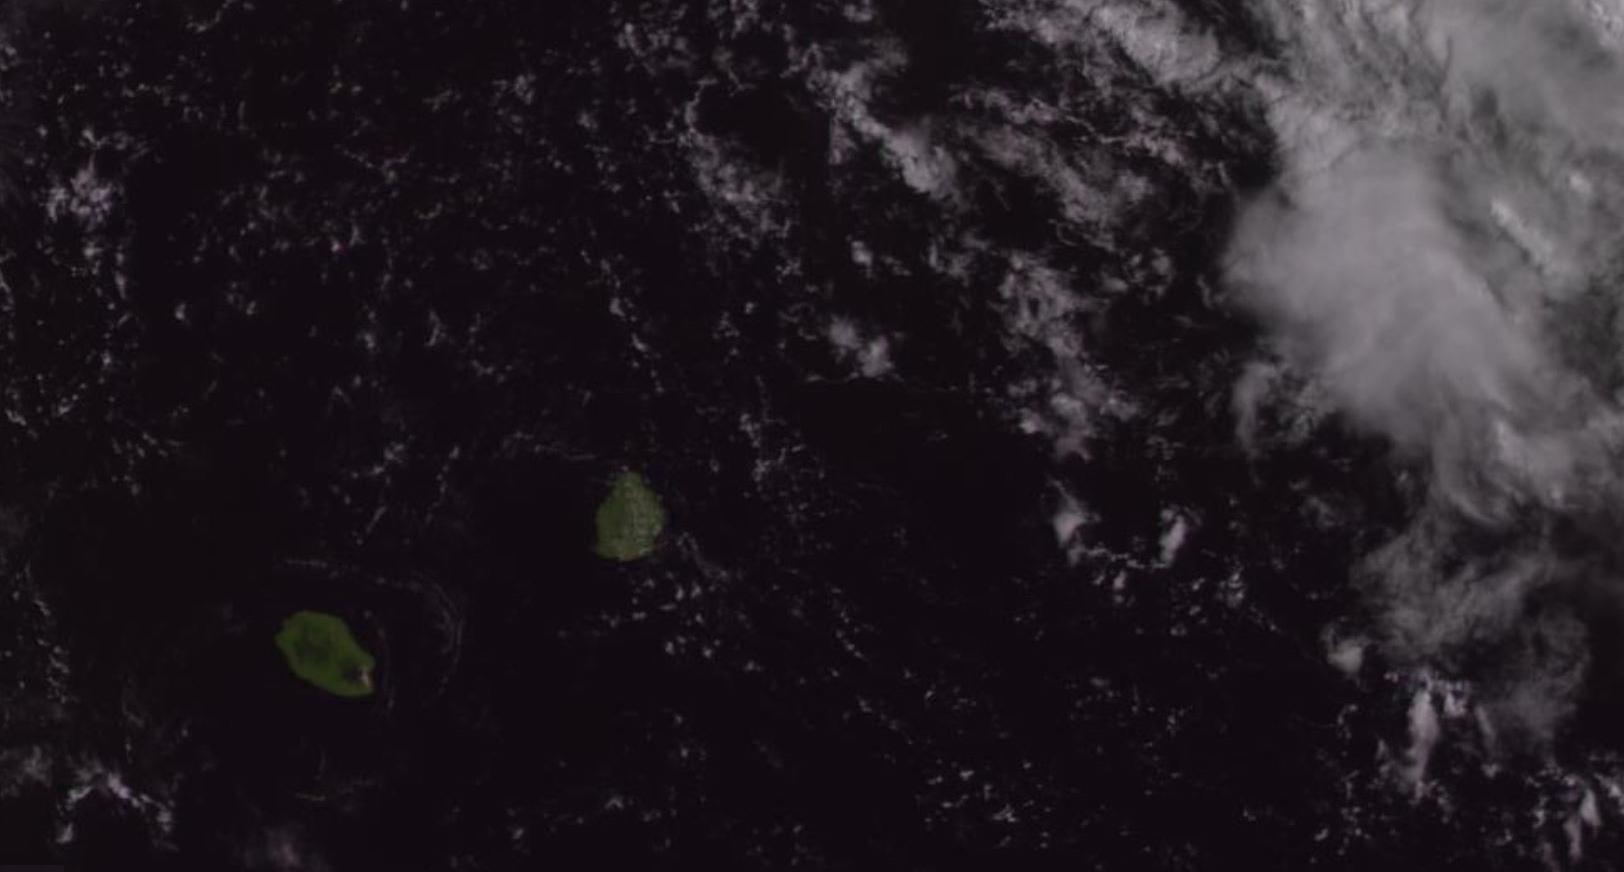 Satellite géostationnaire russe à 9h ce matin. Encore une superbe matinée comme les deux précédentes sur les Iles Soeurs avec des températures qui grimpent vite. Caliente! Les nuages vont bourgeonner avec un risque orageux  cet après midi. Zone d'instabilité au nord-est de Rodrigues.